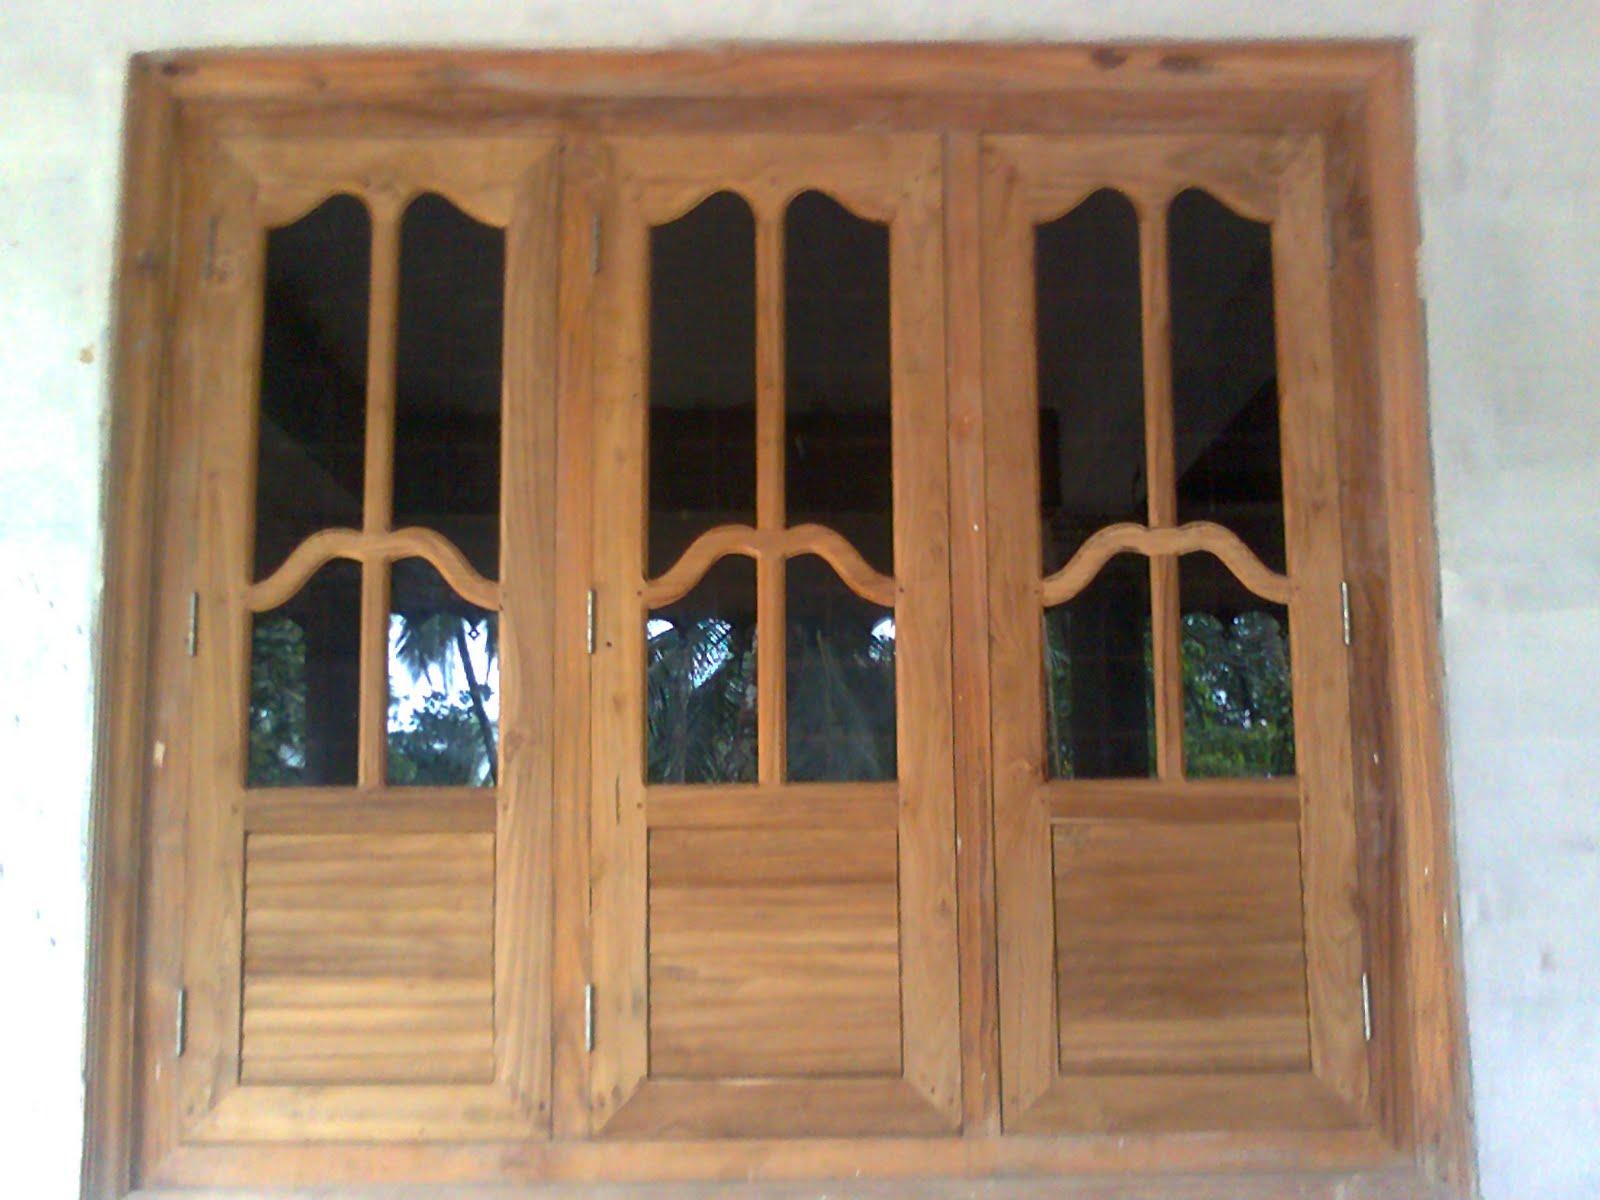 Bavas wood works wooden window doors simple designs - Wooden and glass door designs ...